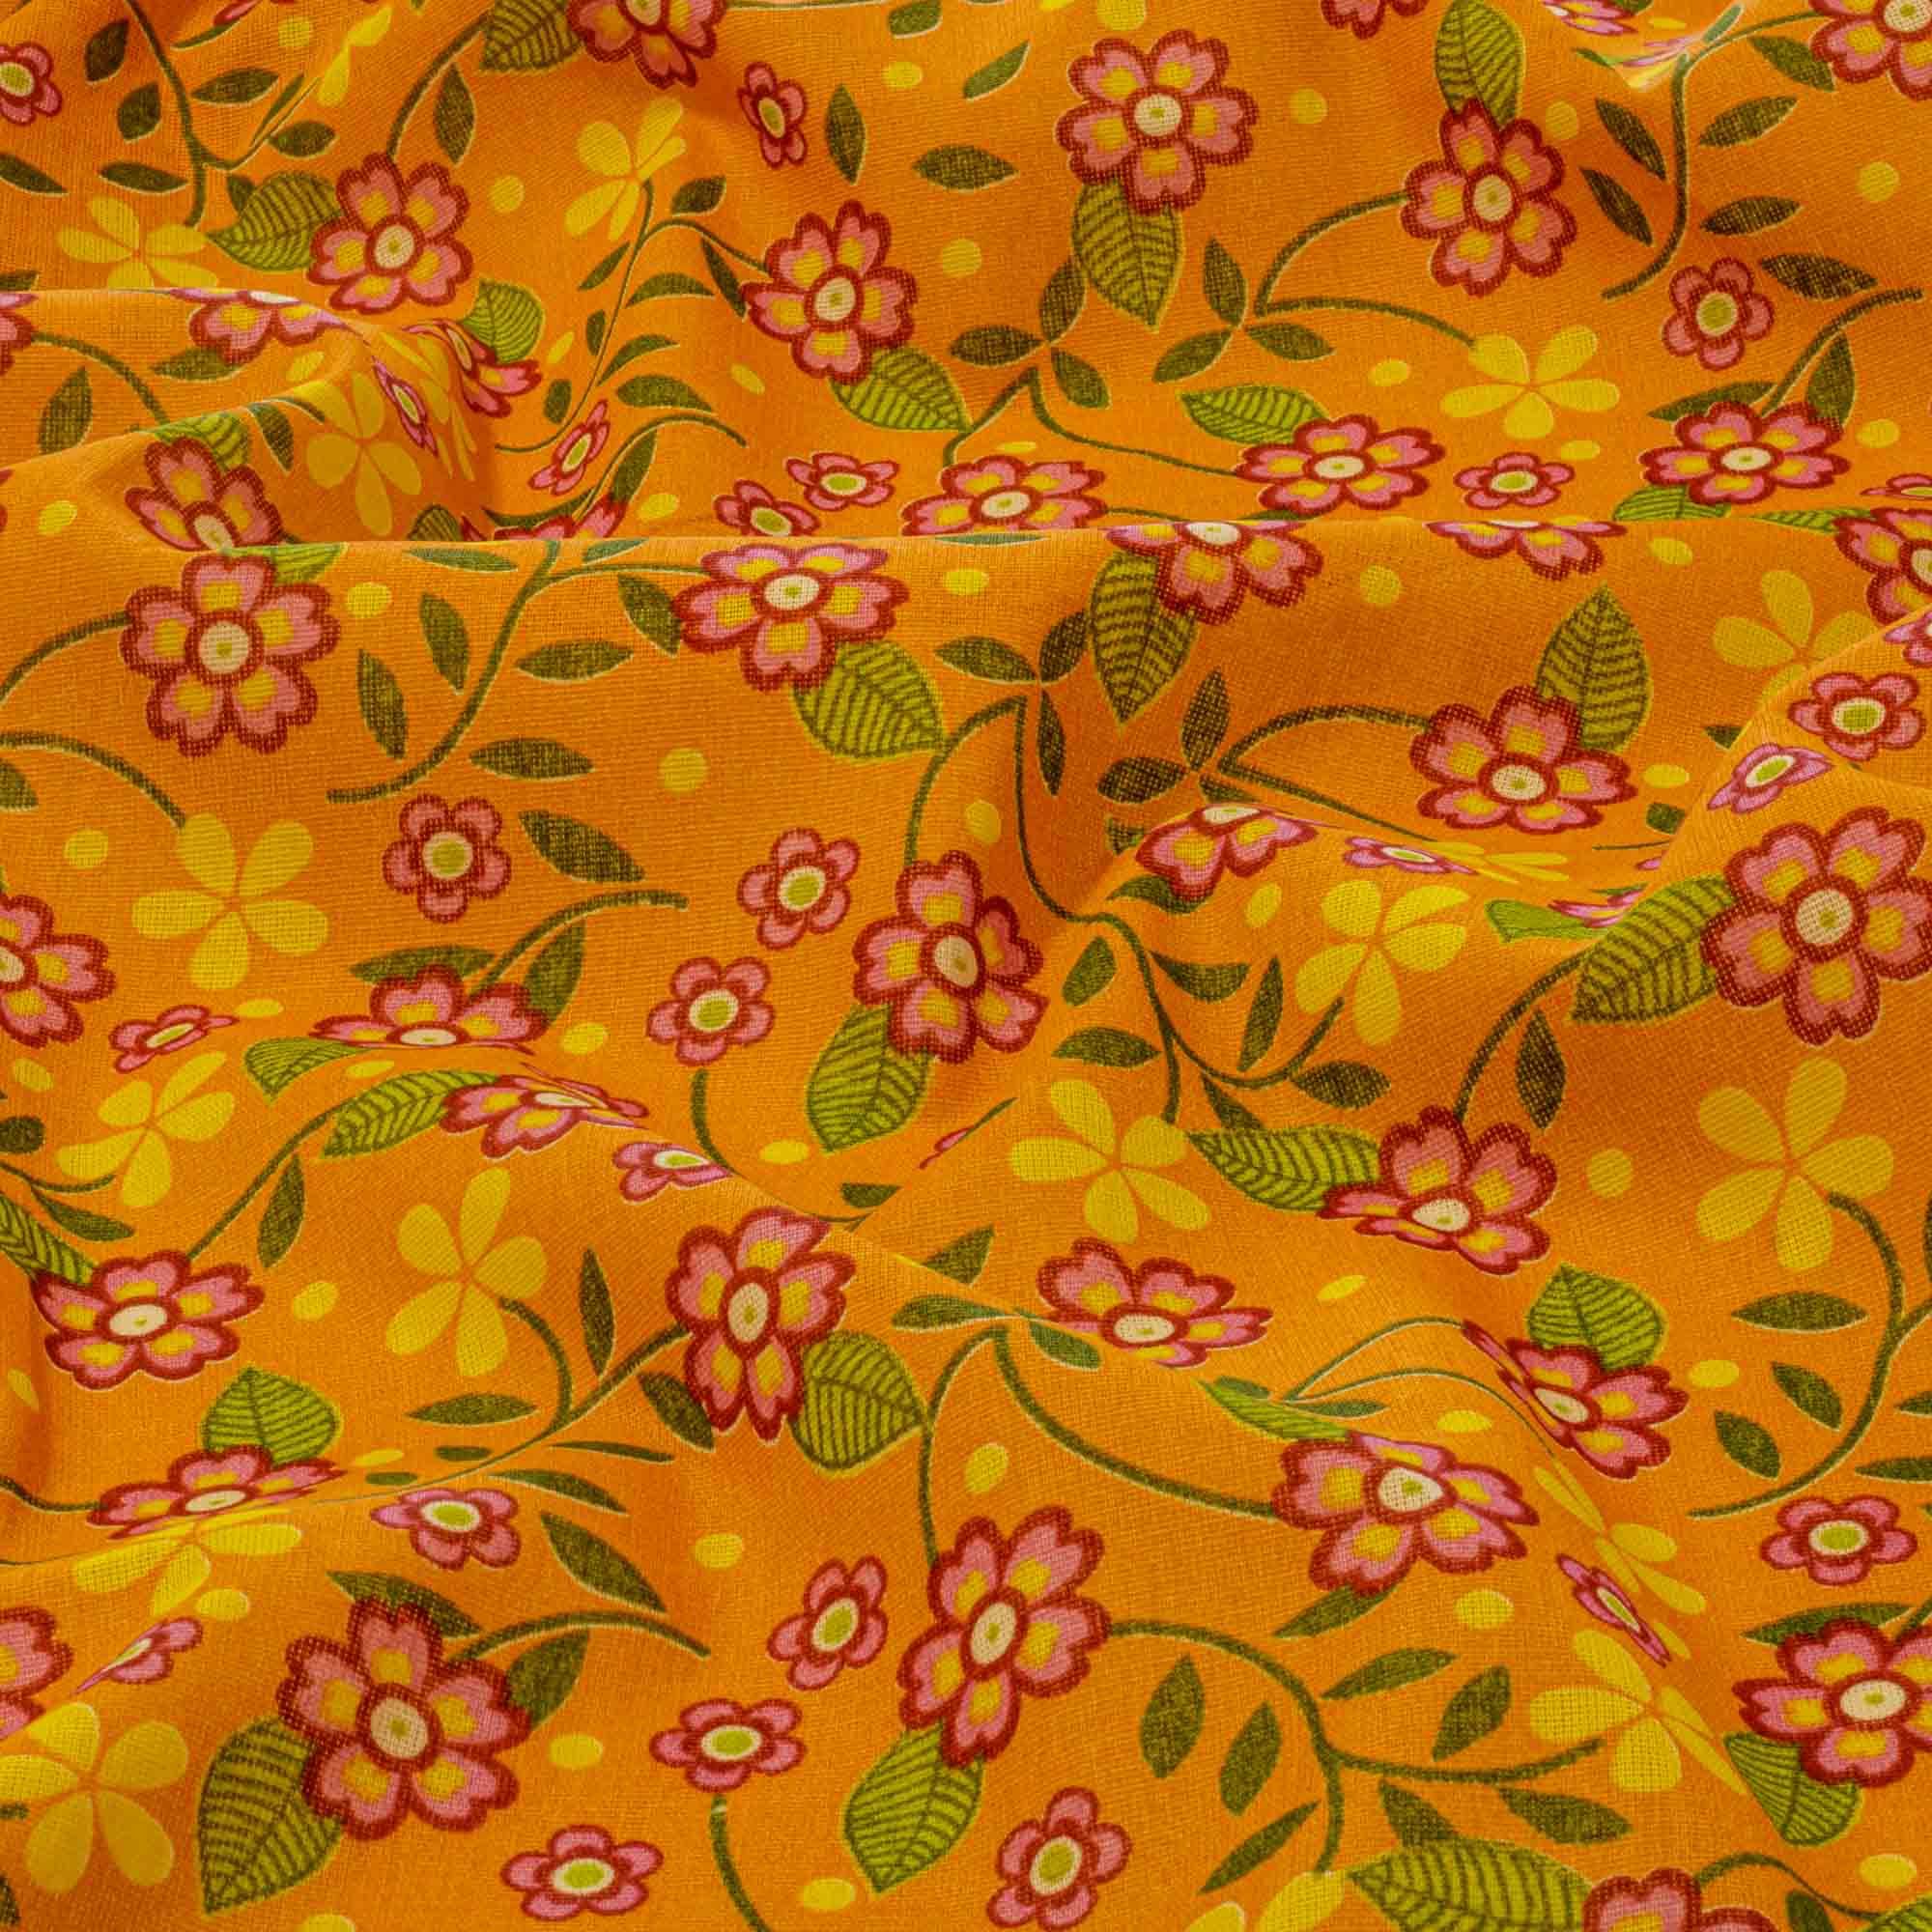 Tecido Chita Estampada Floral Fundo Abobora 100% Algodão 1,40 Mt Largura